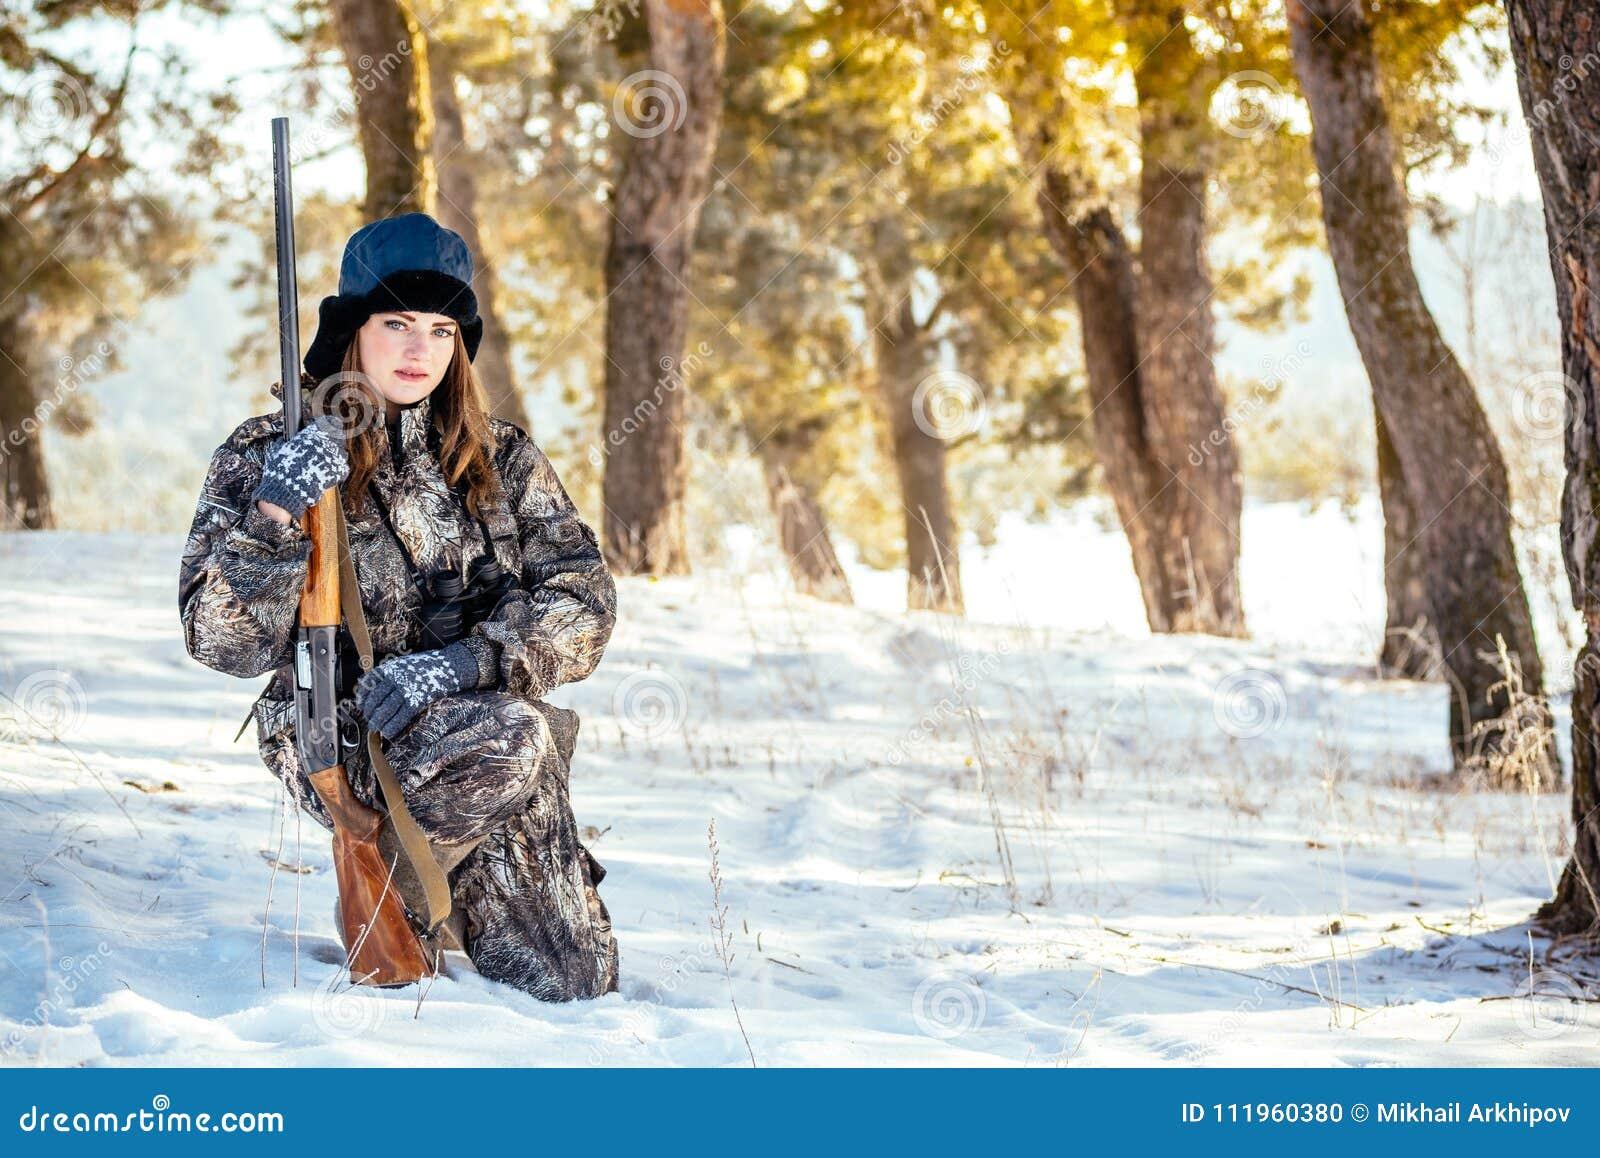 Женский охотник в камуфлировании одевает готовое для того чтобы поохотиться, держащ оружие a